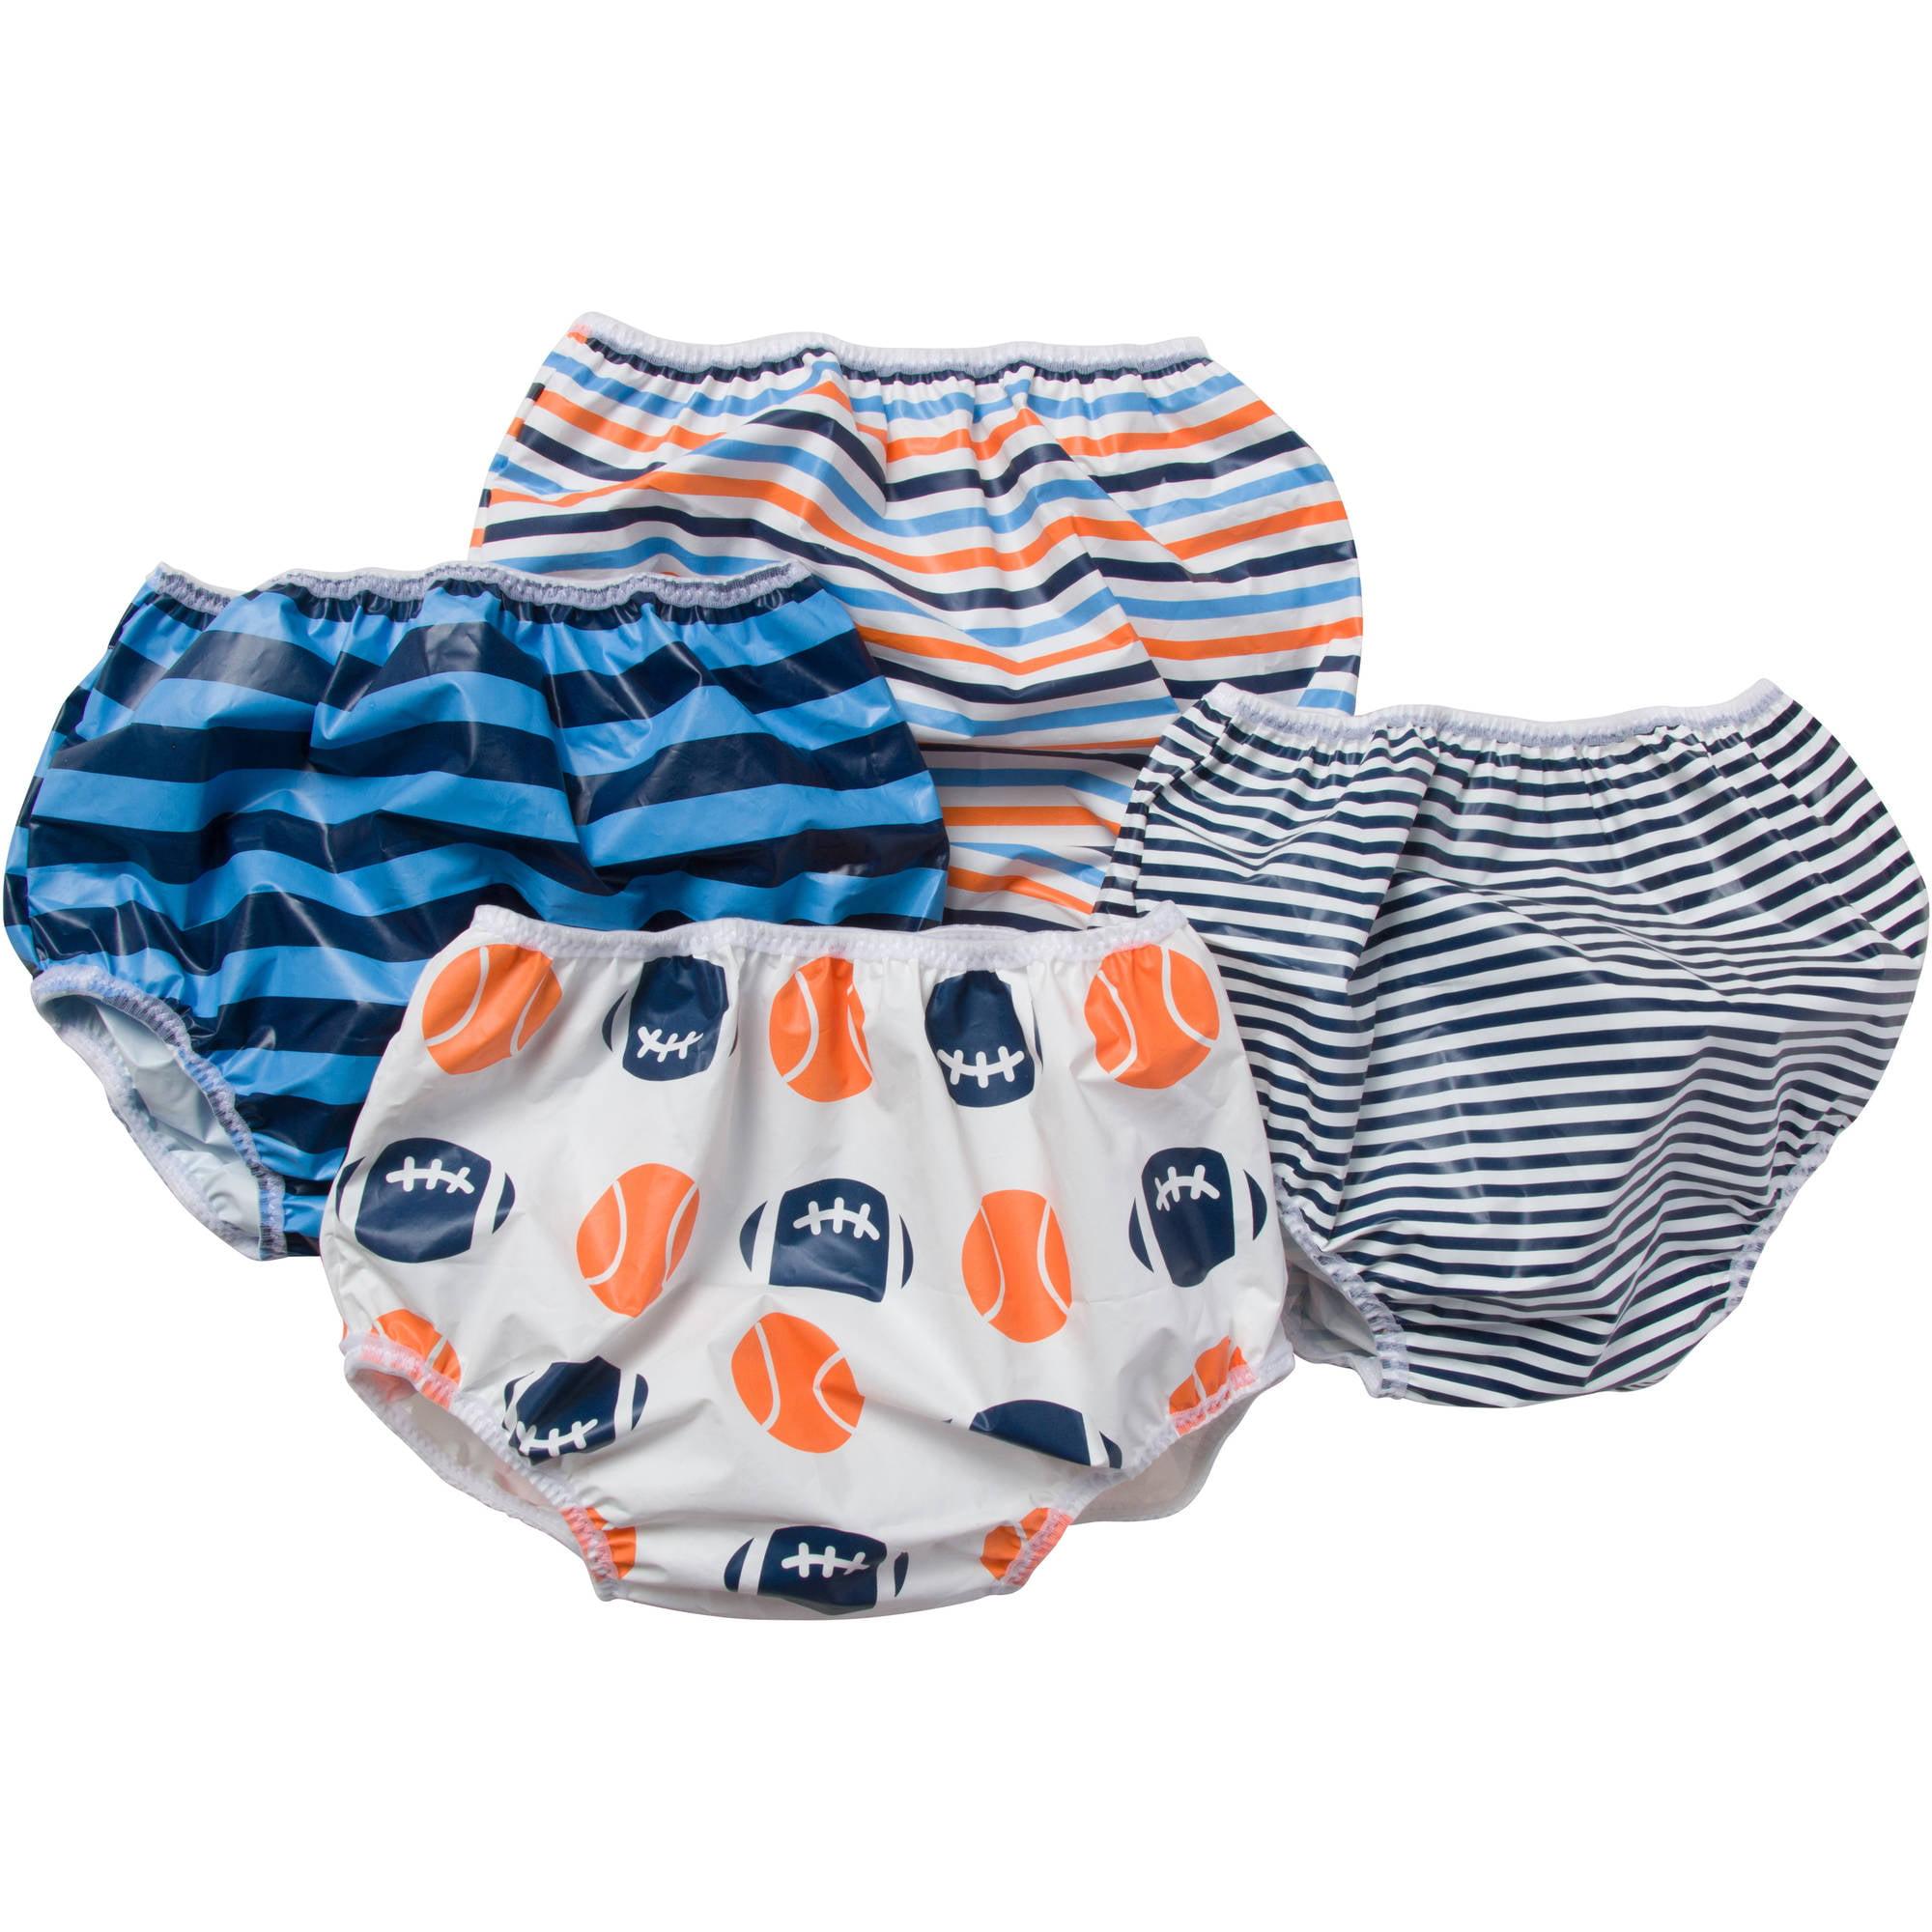 Gerber Baby Toddler Boy Blue Waterproof Pants - 4 Pack